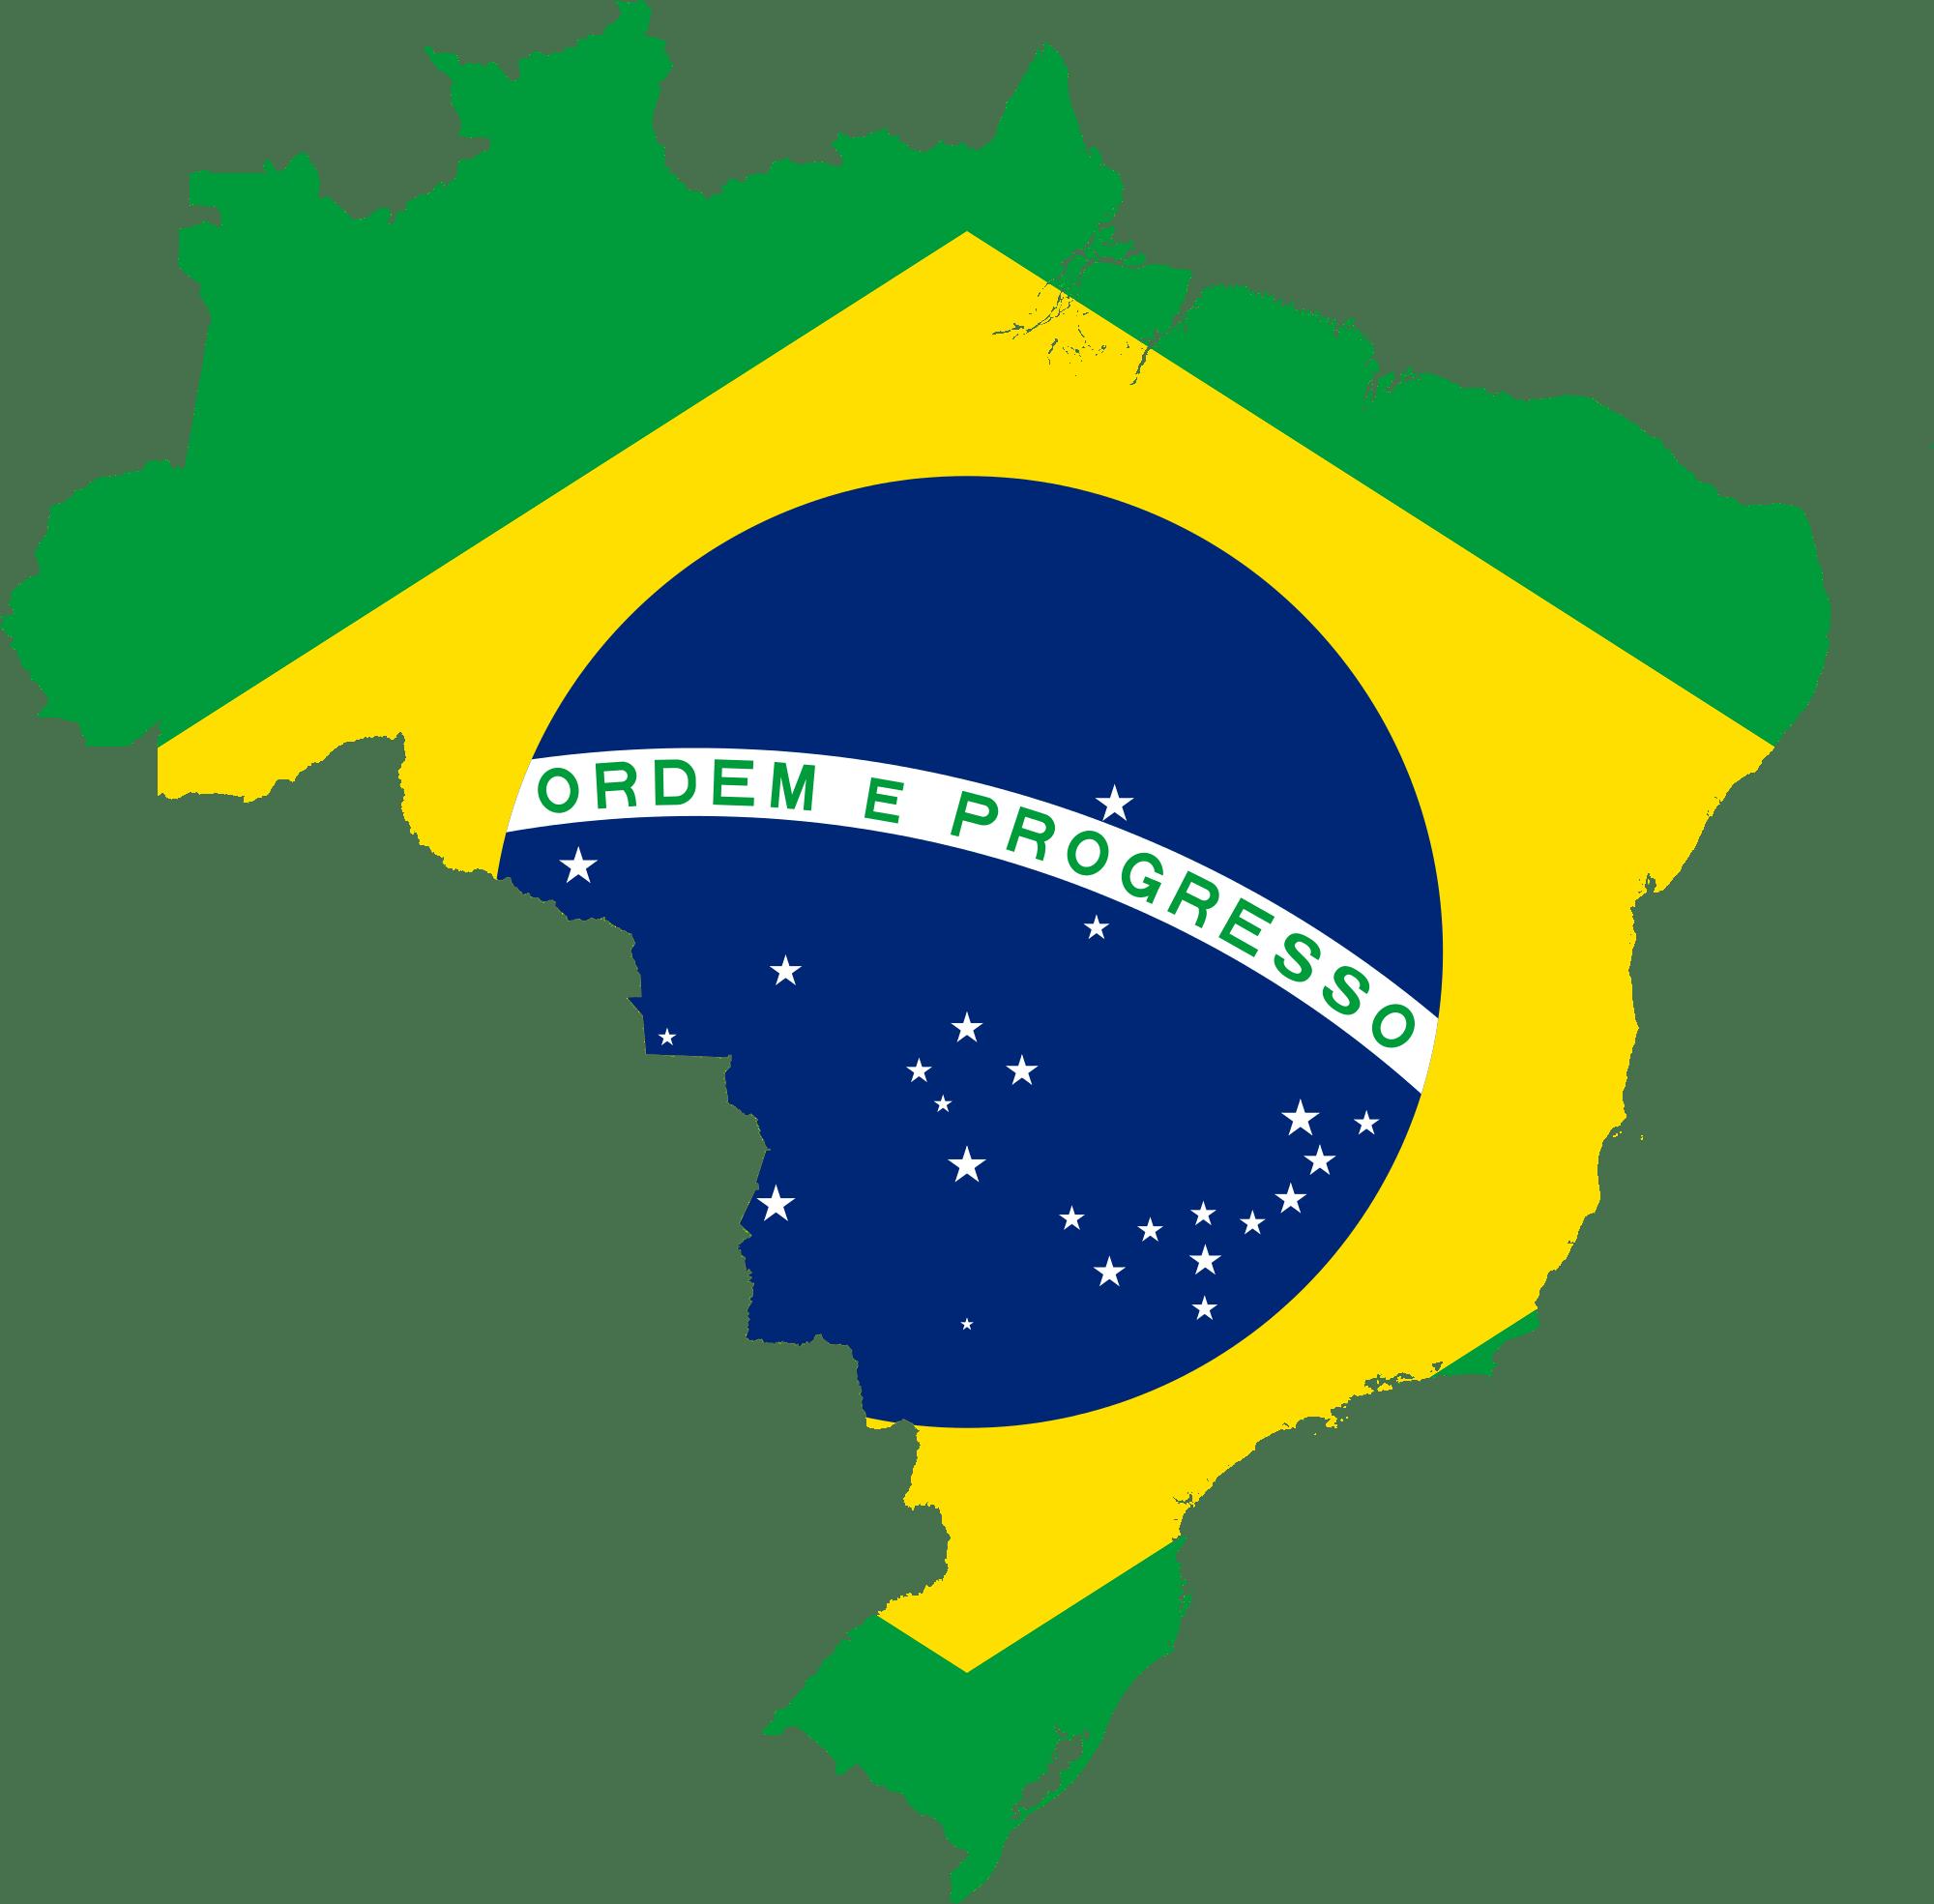 BRASILE: COLDIRETTI, CARNE AVARIATA ANCHE IN ITALIA, IMPORT 30 MLN KG